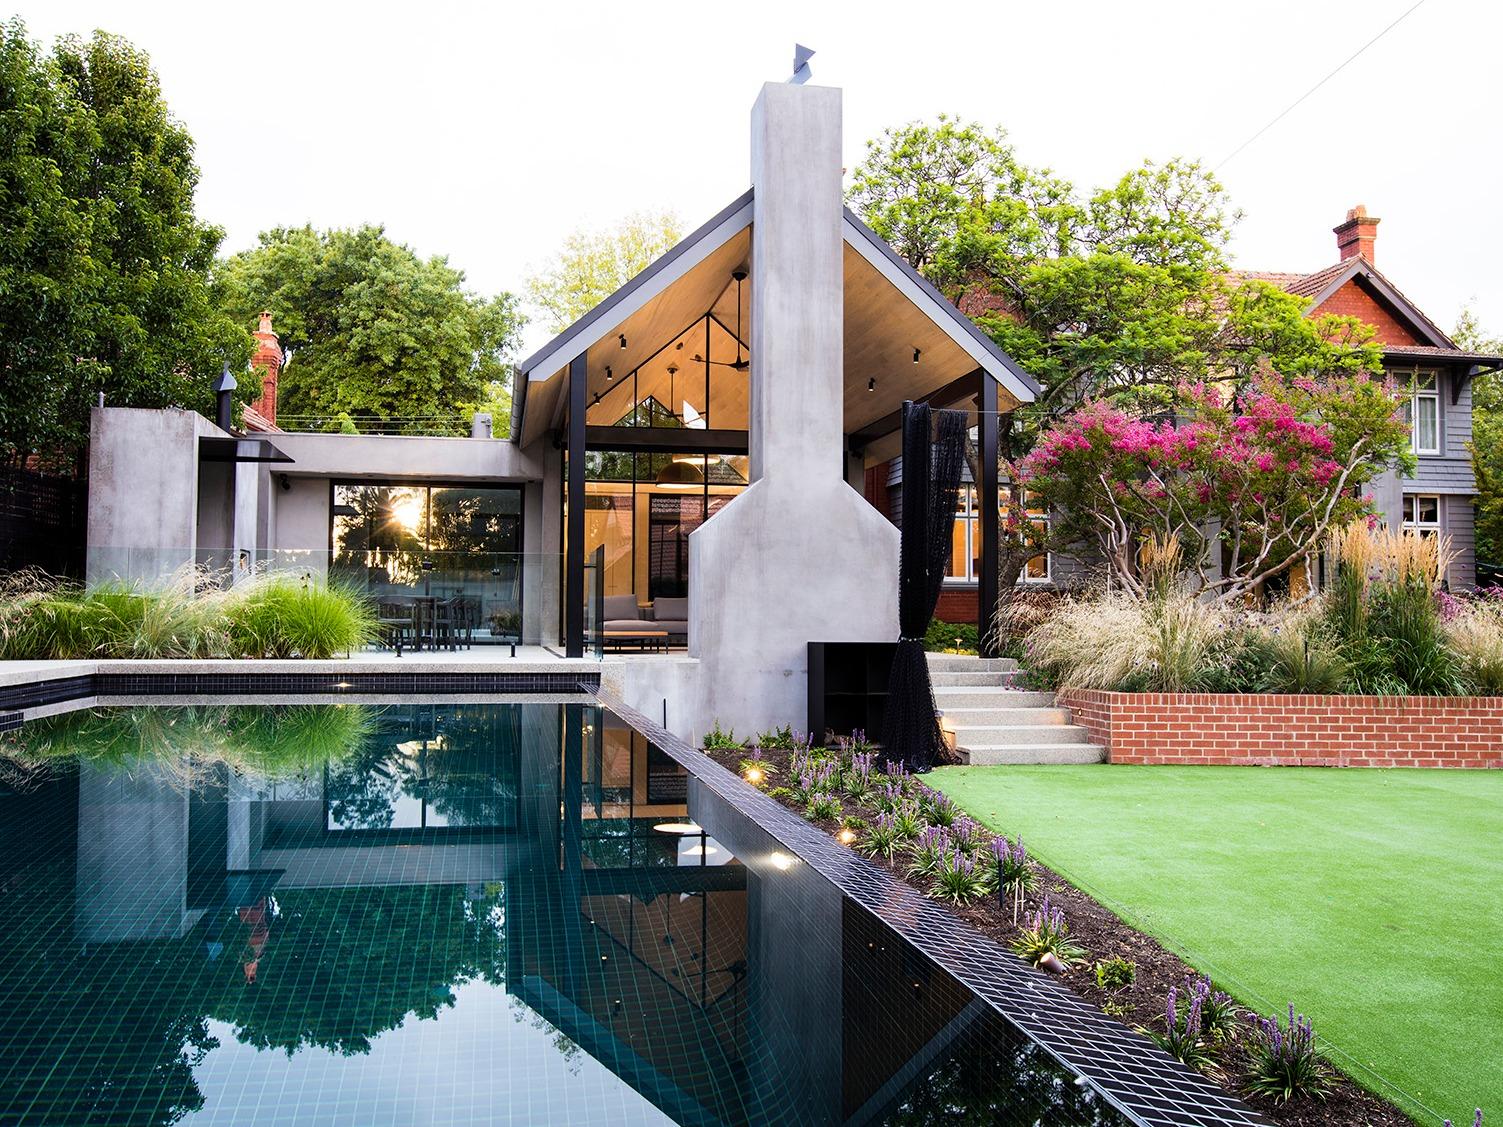 墨尔本坎伯威尔的住宅花园,一座令人惊叹的花园